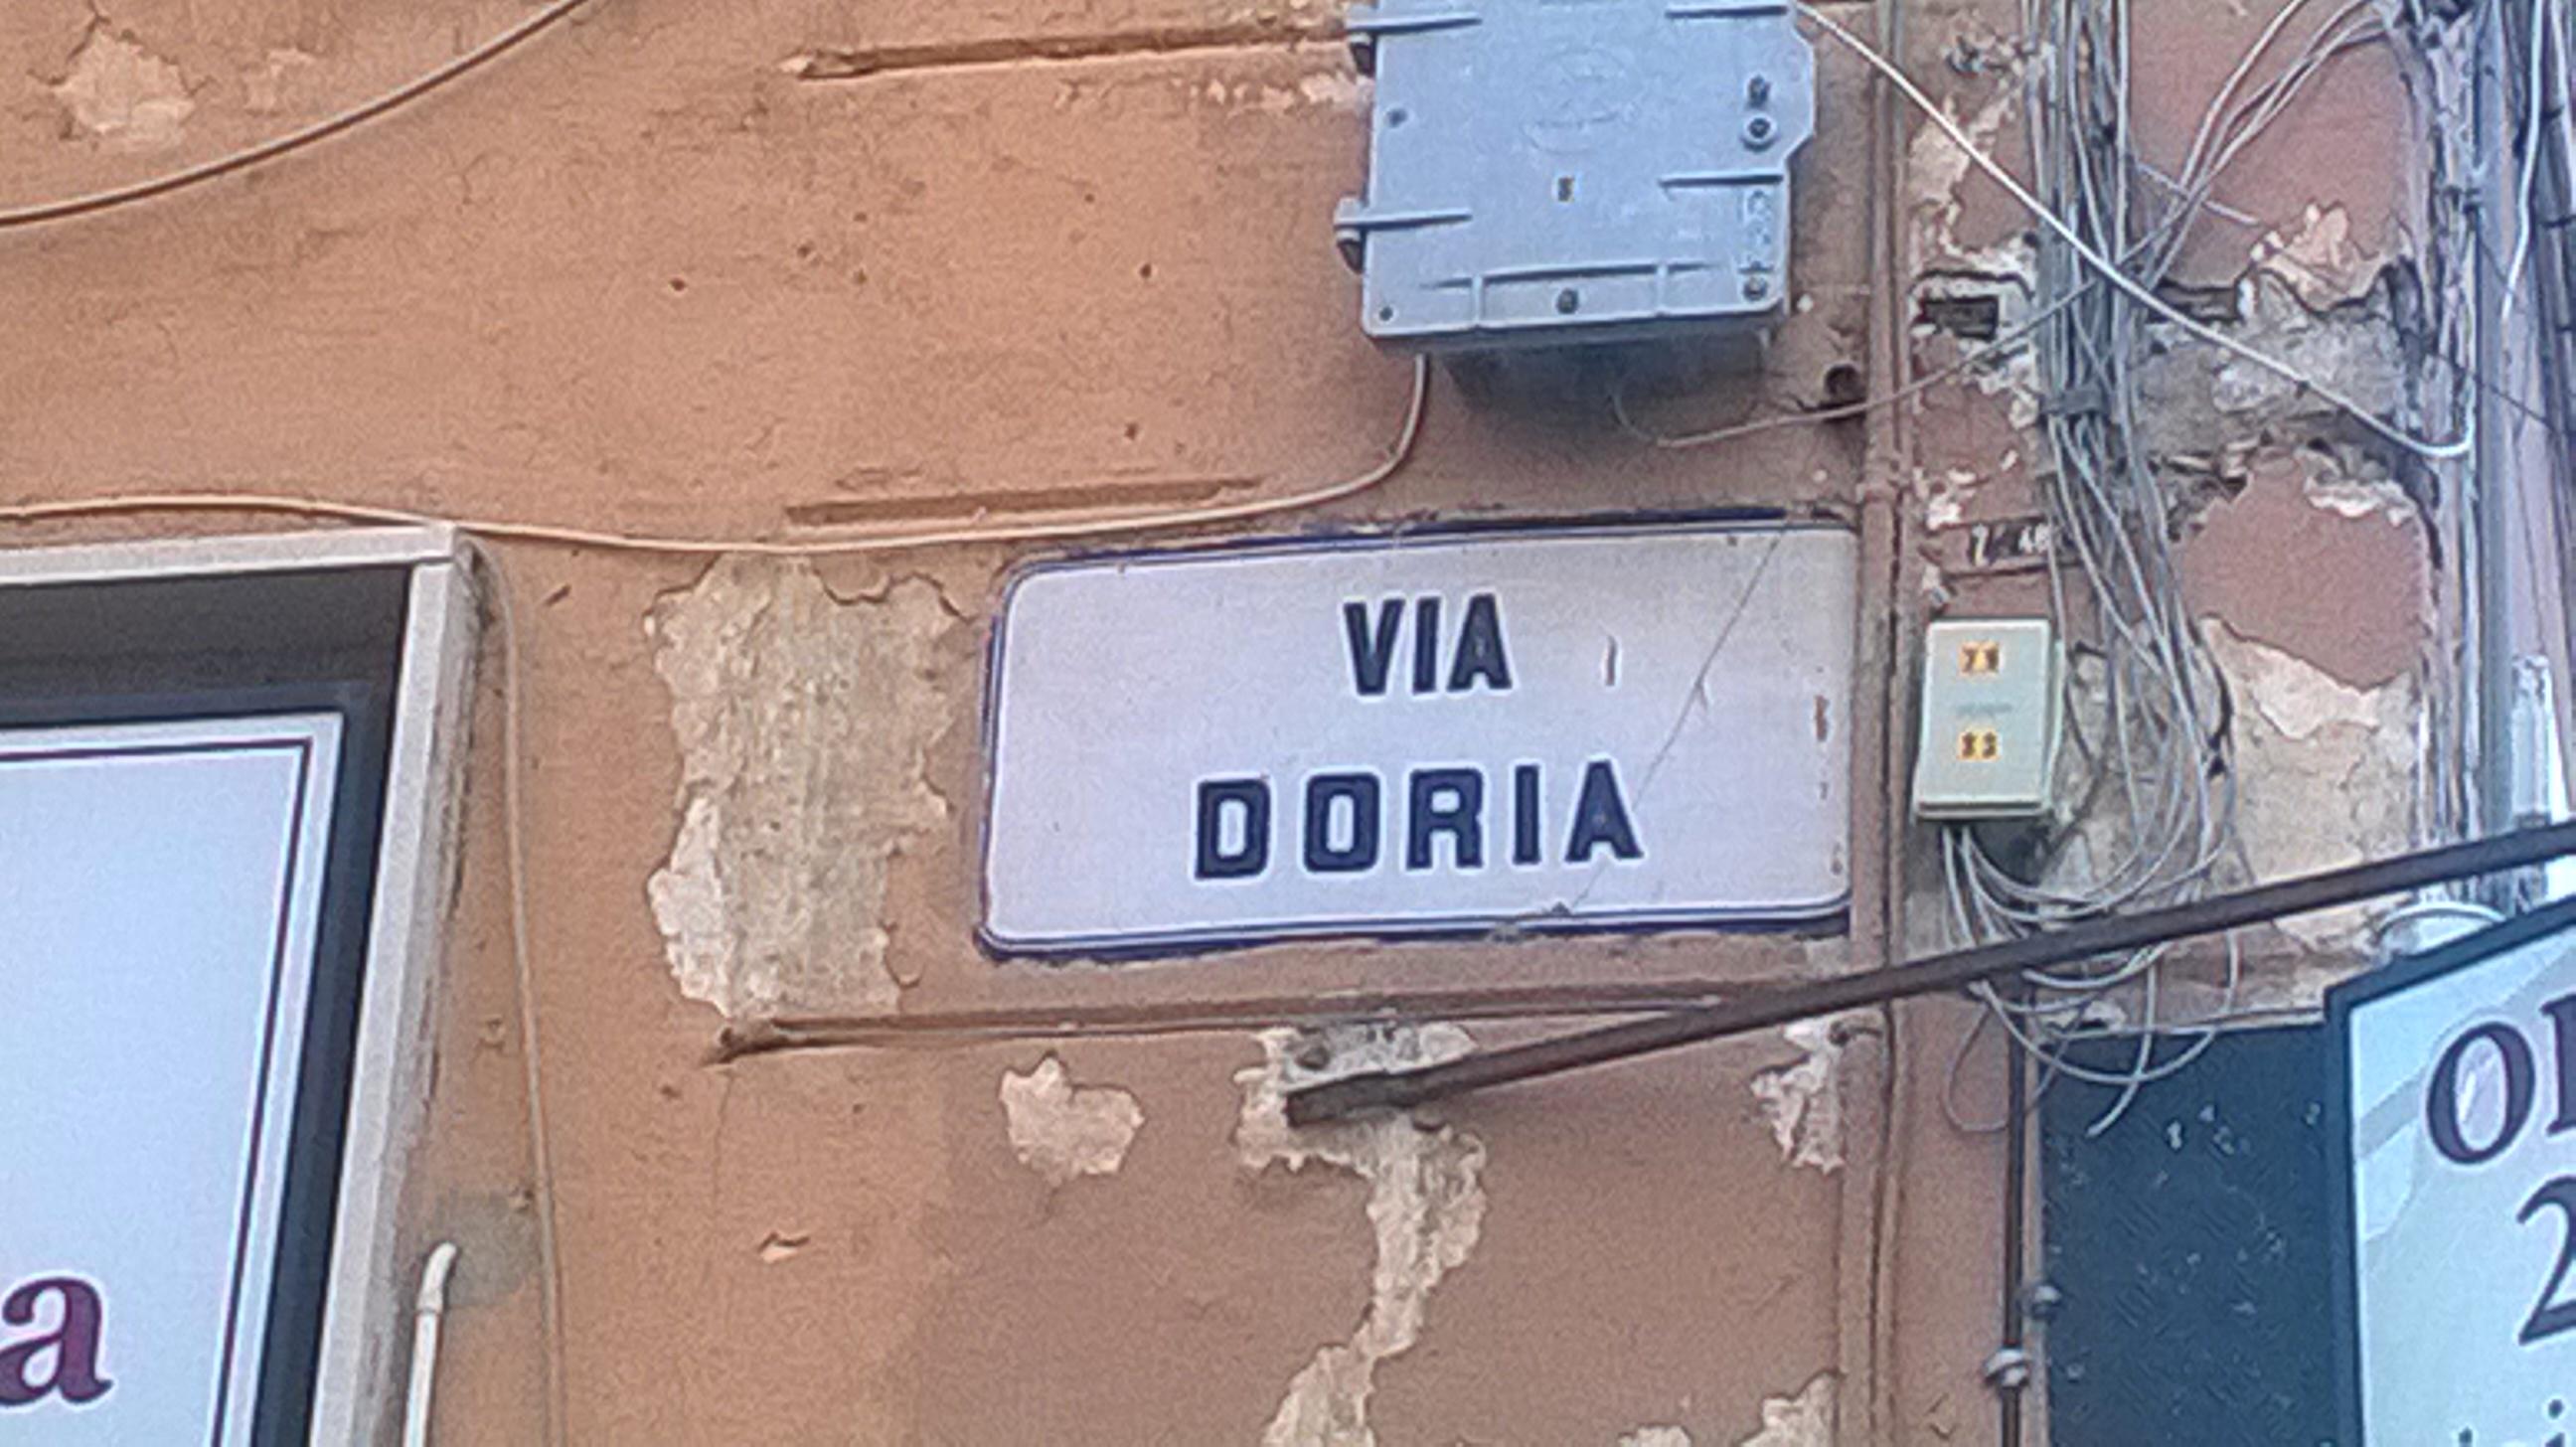 via doria